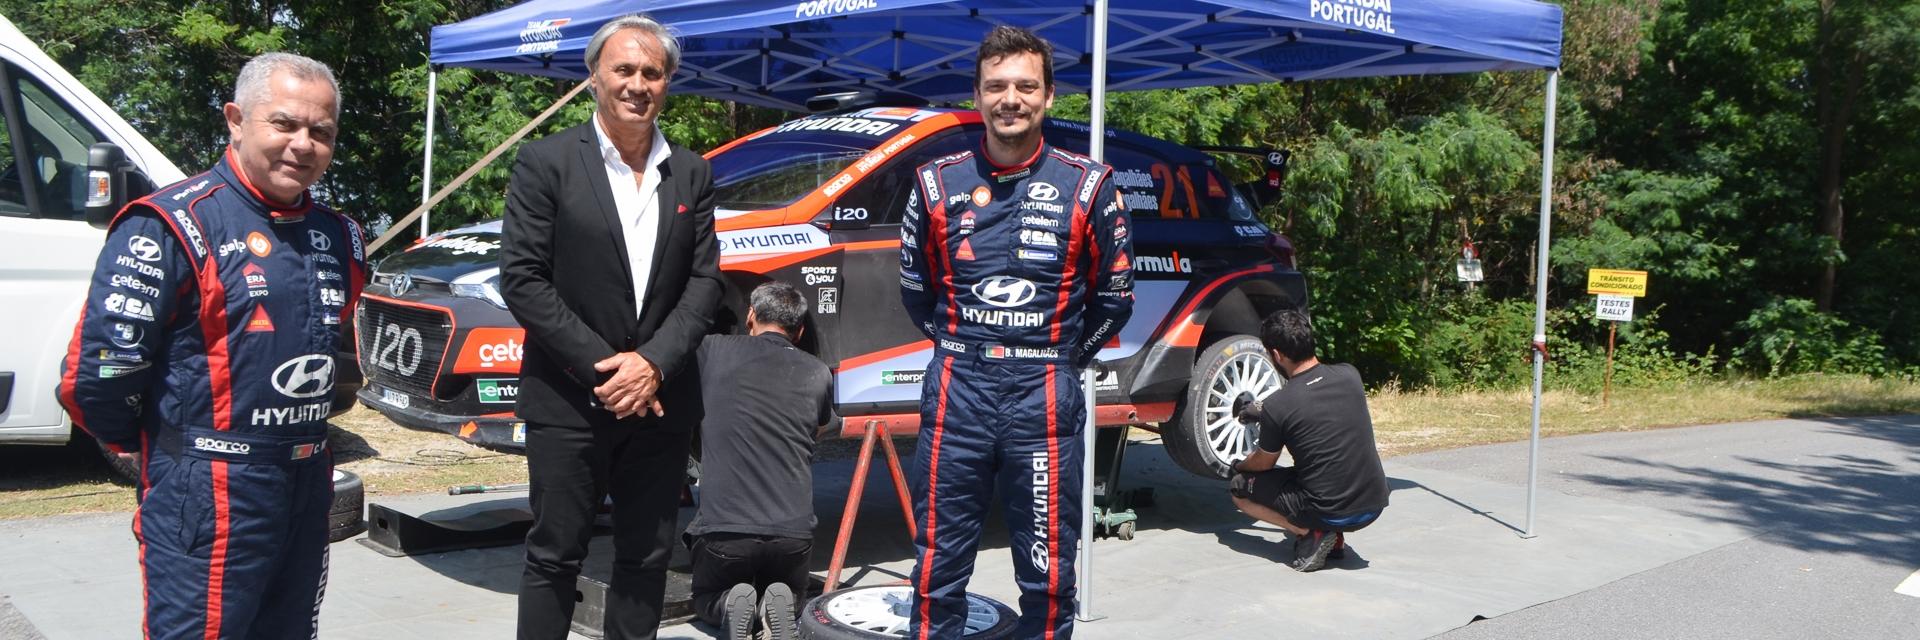 Serra da Cabreira voltou a receber pilotos de rally da elite nacional